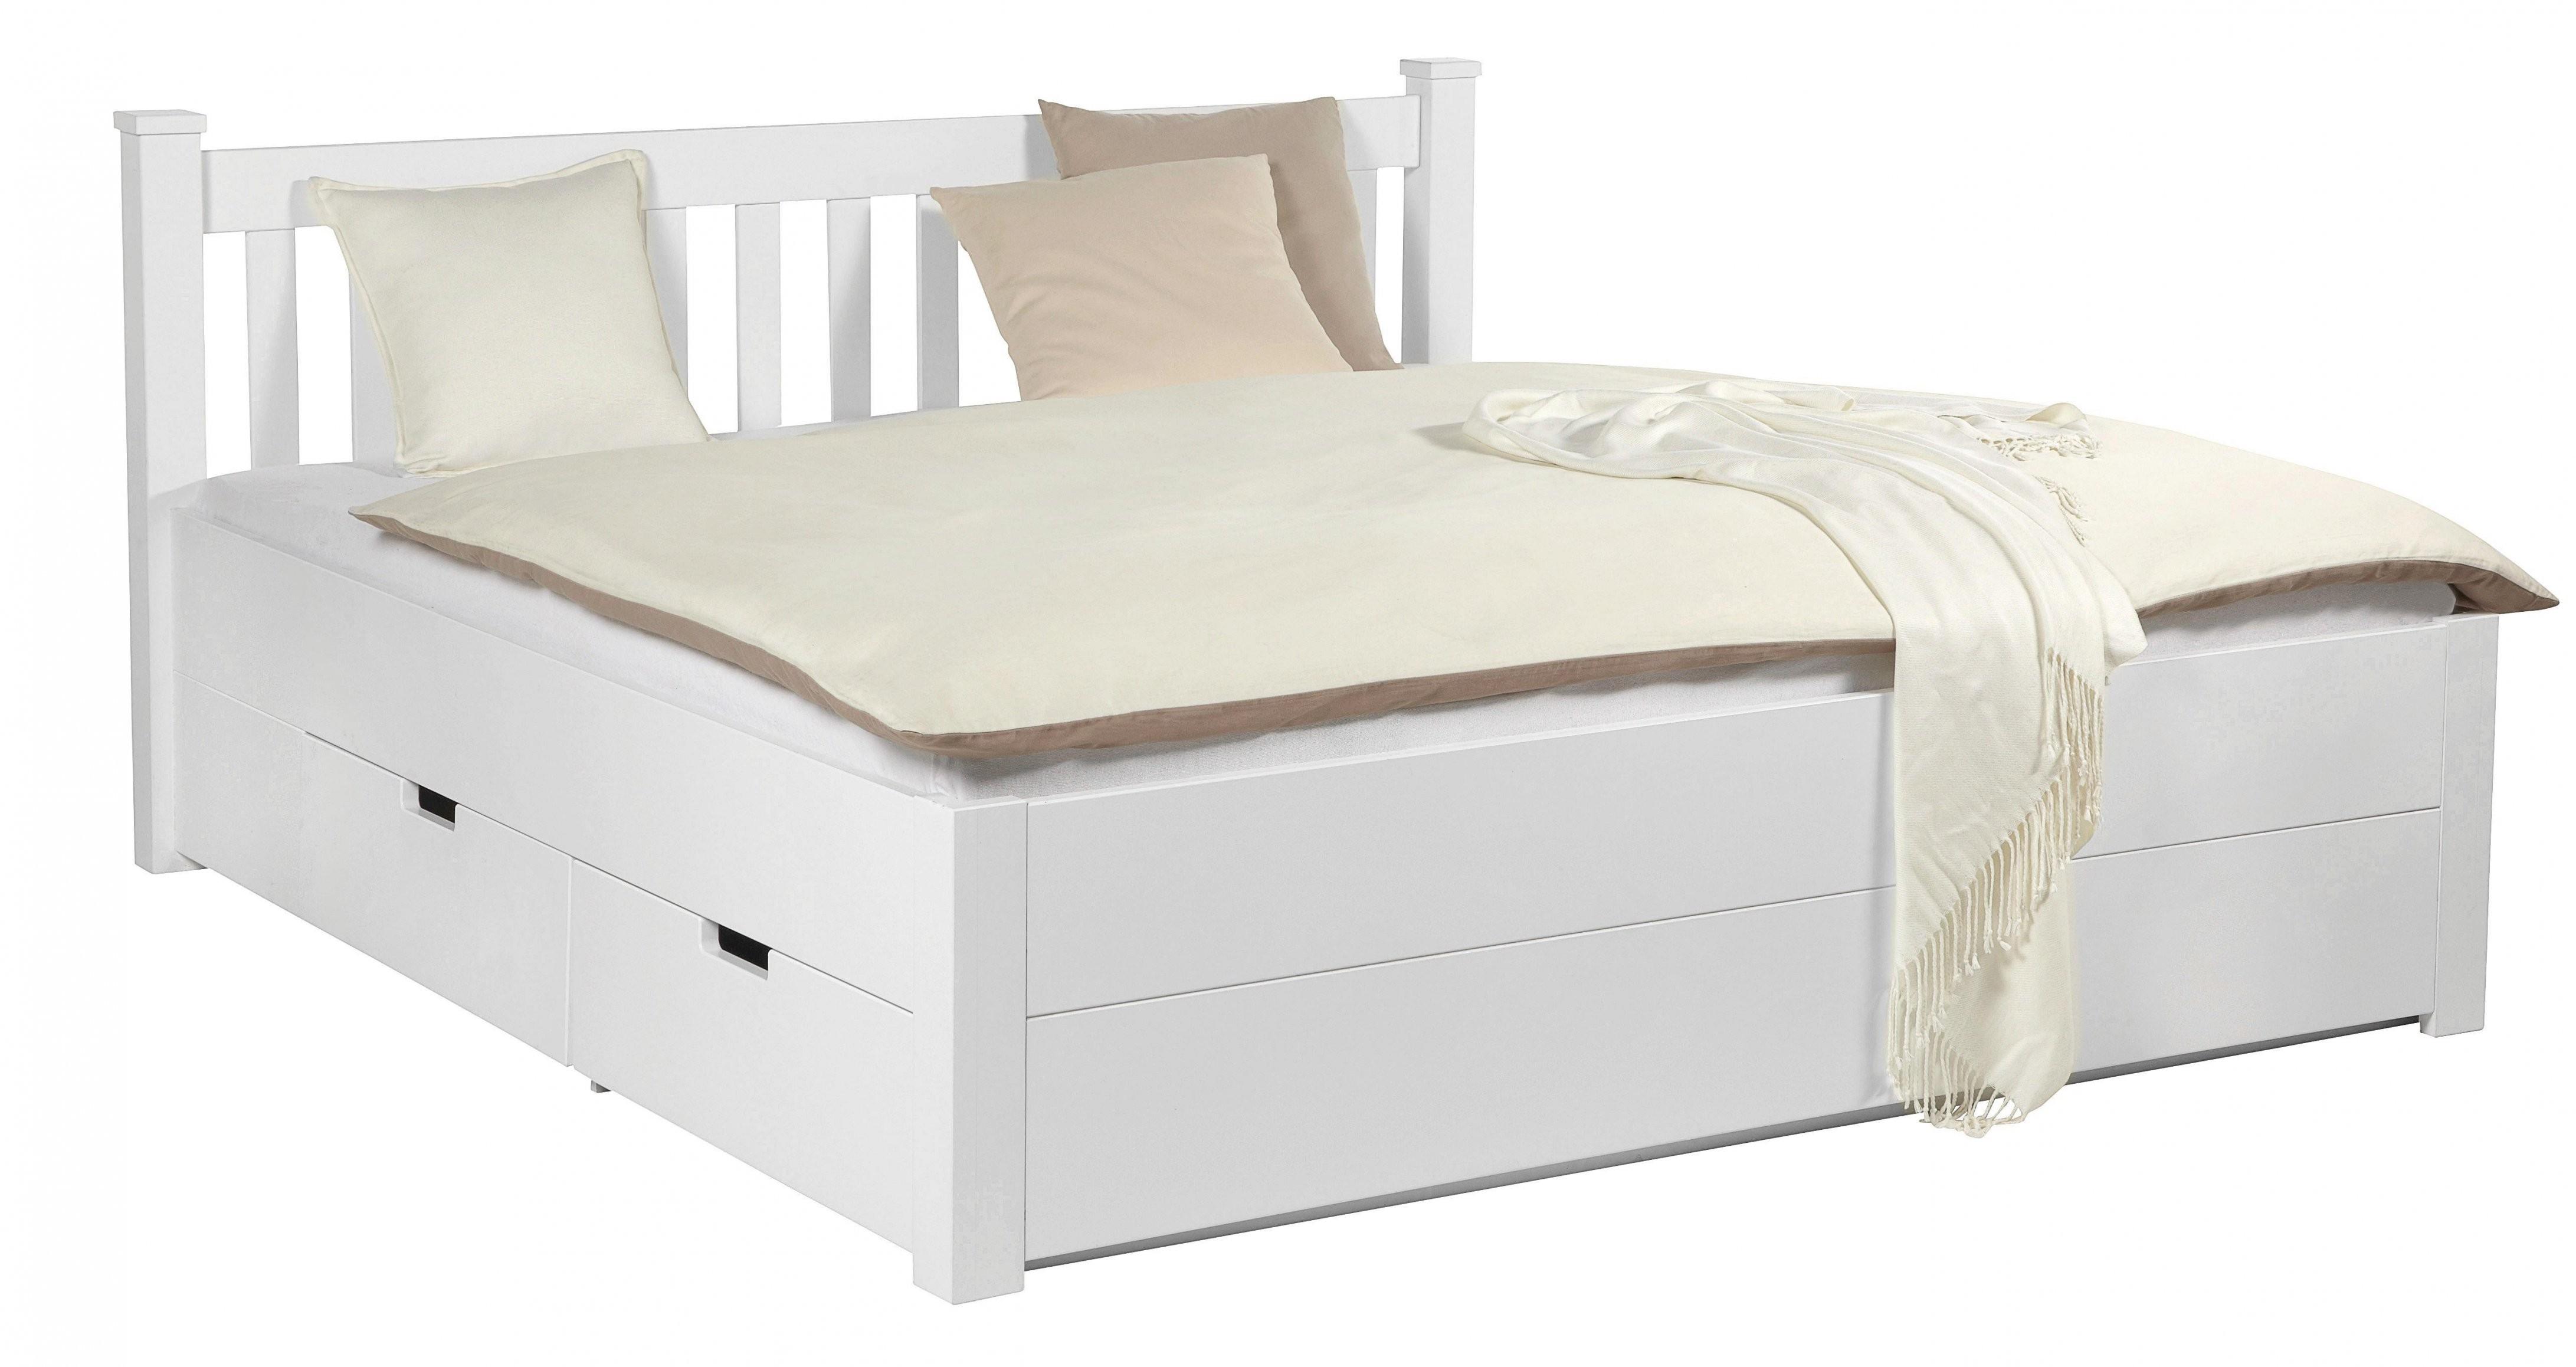 Bett Weiß 180X200Cm Online Kaufen ➤ Mömax von Mömax Betten 180X200 Bild